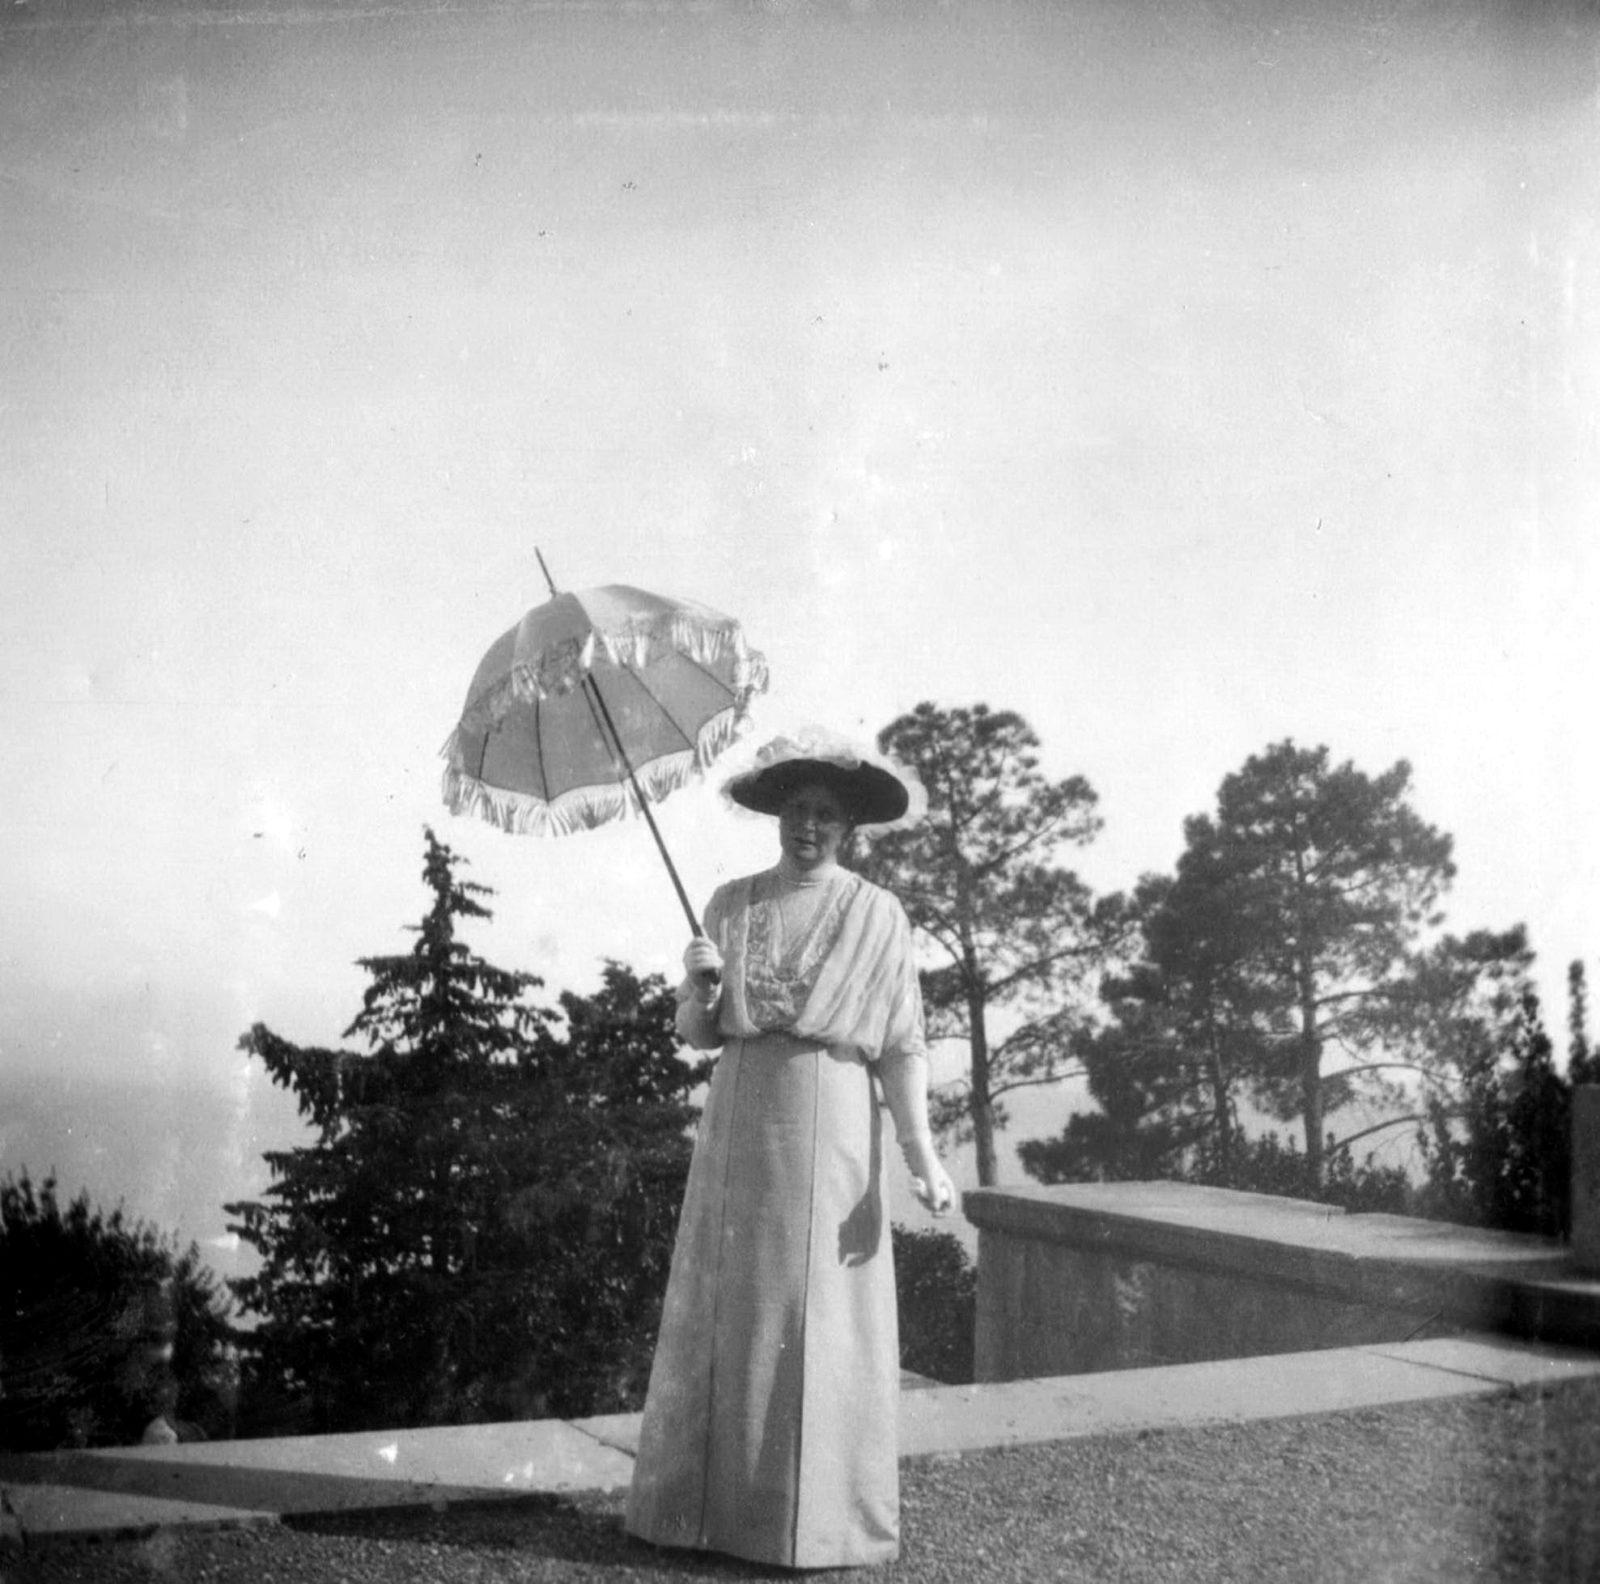 Her Imperial Majesty Empress Empress Alexandra Feodorovna.